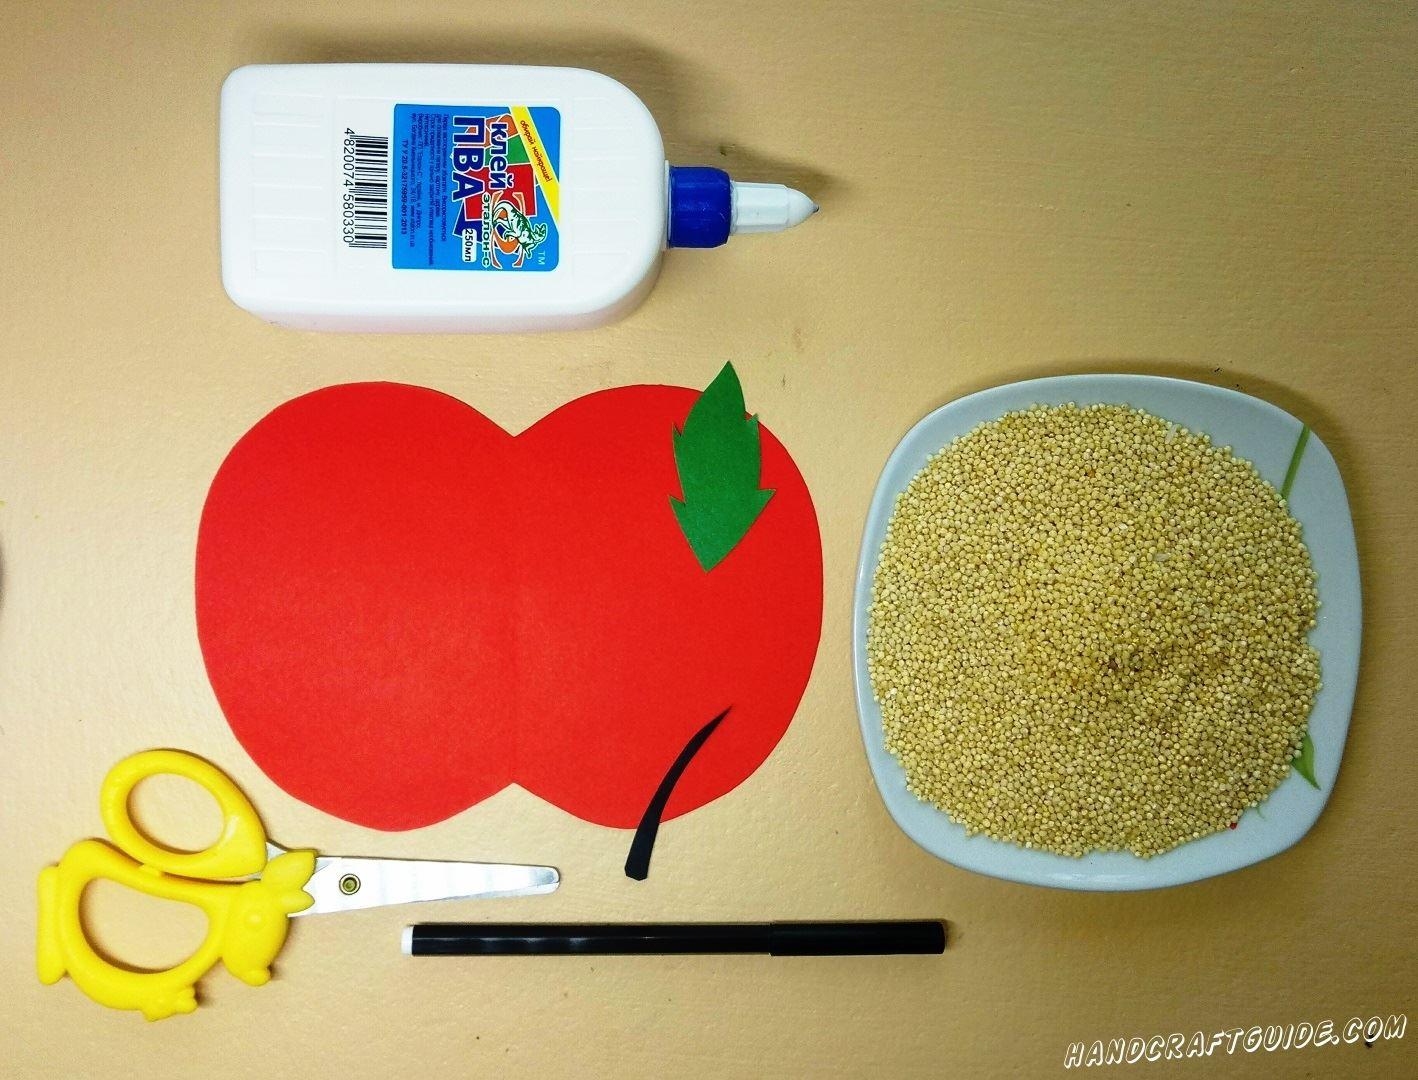 Из бумаги красного цвета мы вырезаем большое яблоко. Затем берем в руки черную и зелёную бумагу и вырезаем листочек с отростком